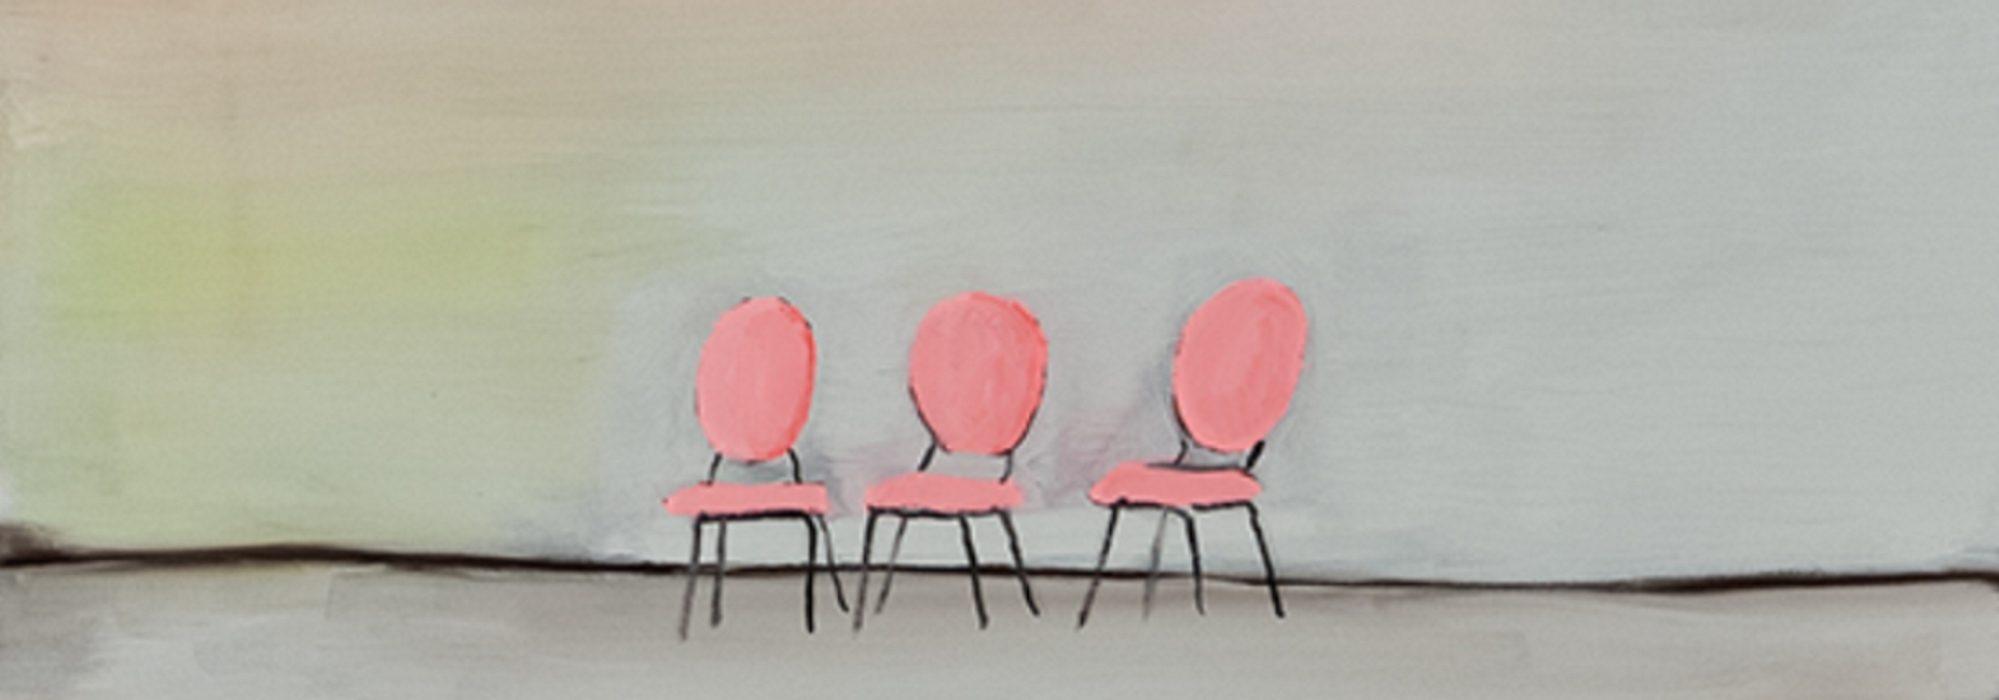 Imagem: detalhe da capa do livro Sombrio Ermo Turvo sobre obra de Ana Prata (Palco, 2012)